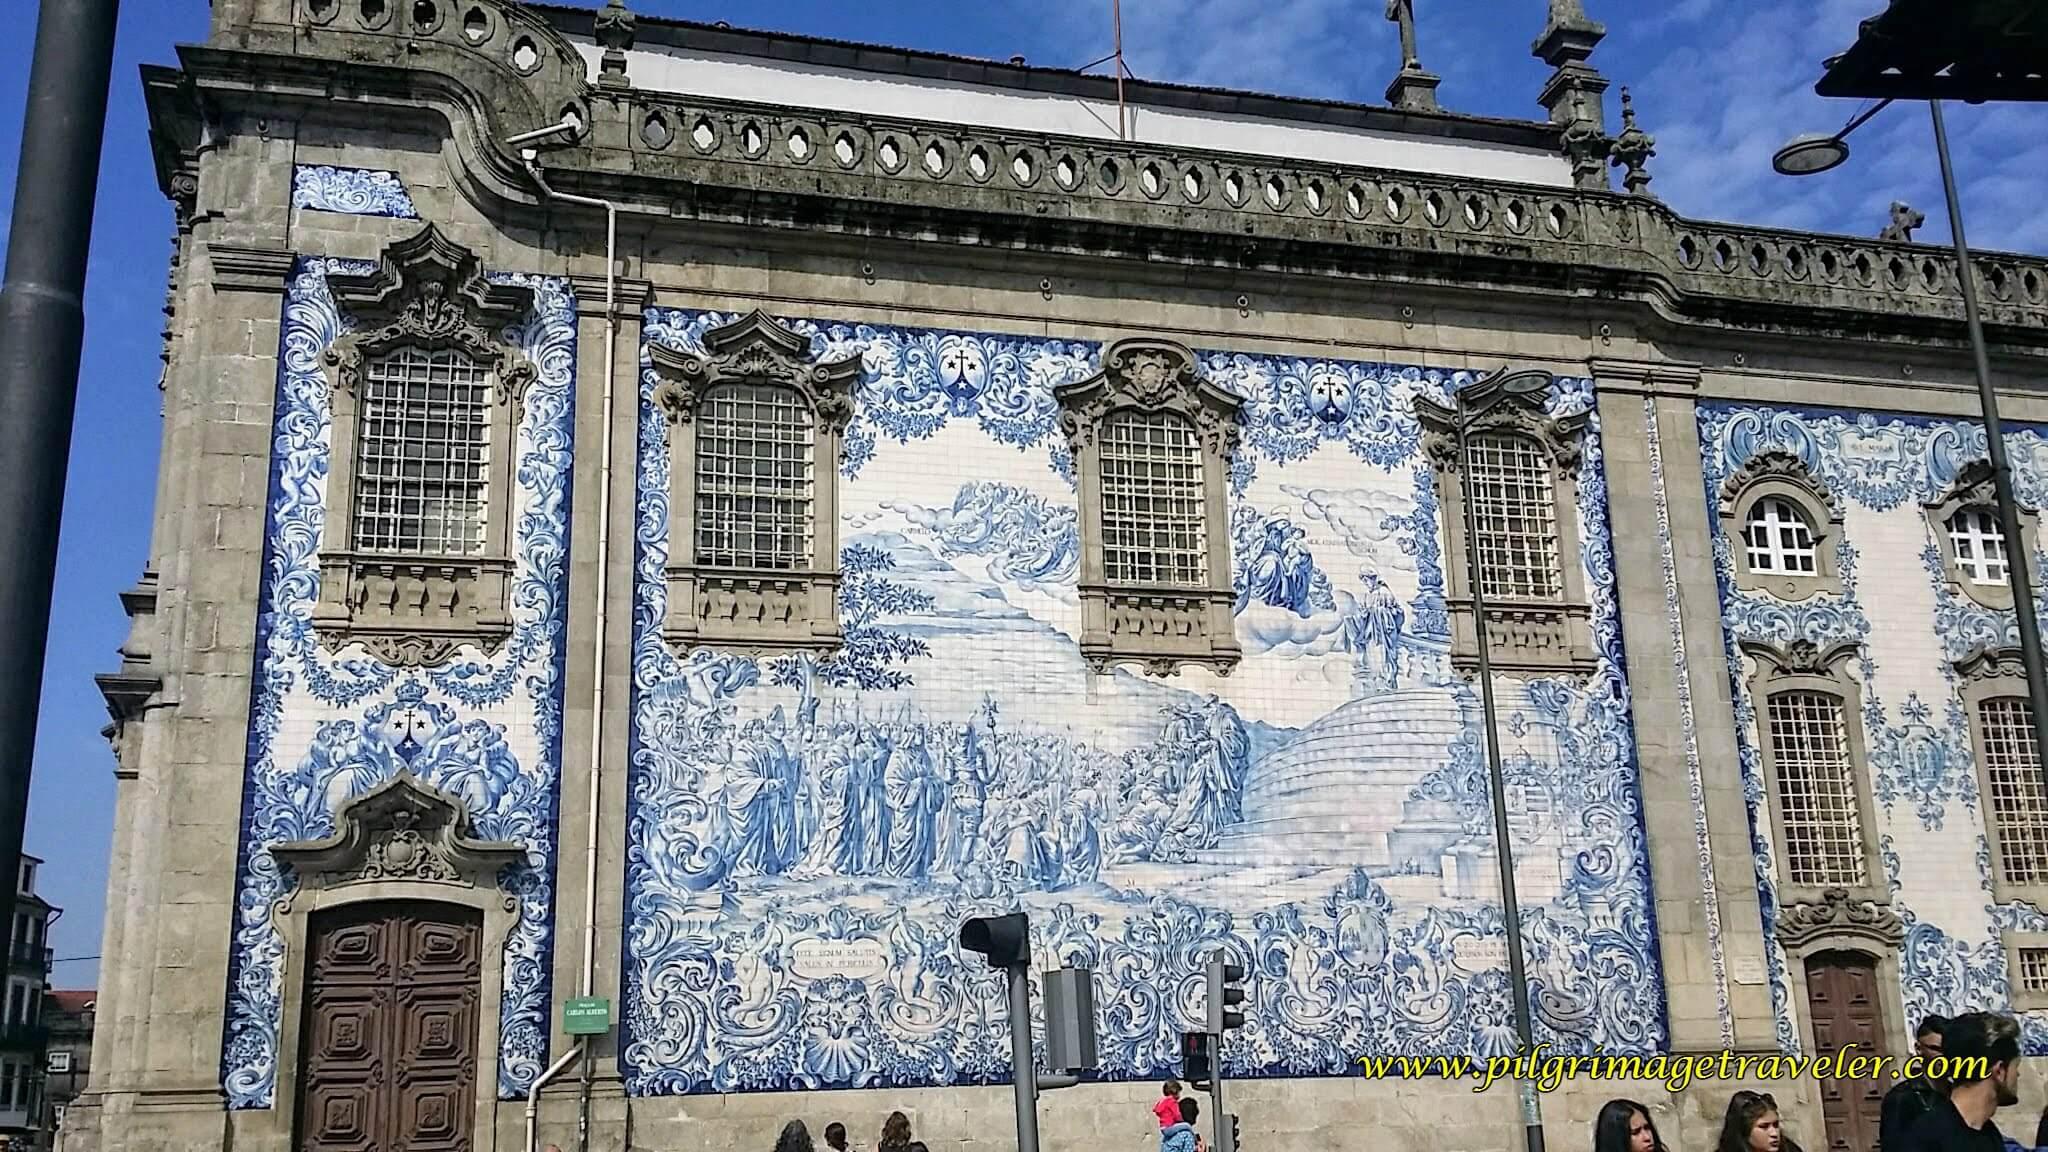 Azulejos Blue Tile, line the wall of the  Igreja do Carmo in Porto, Portugal